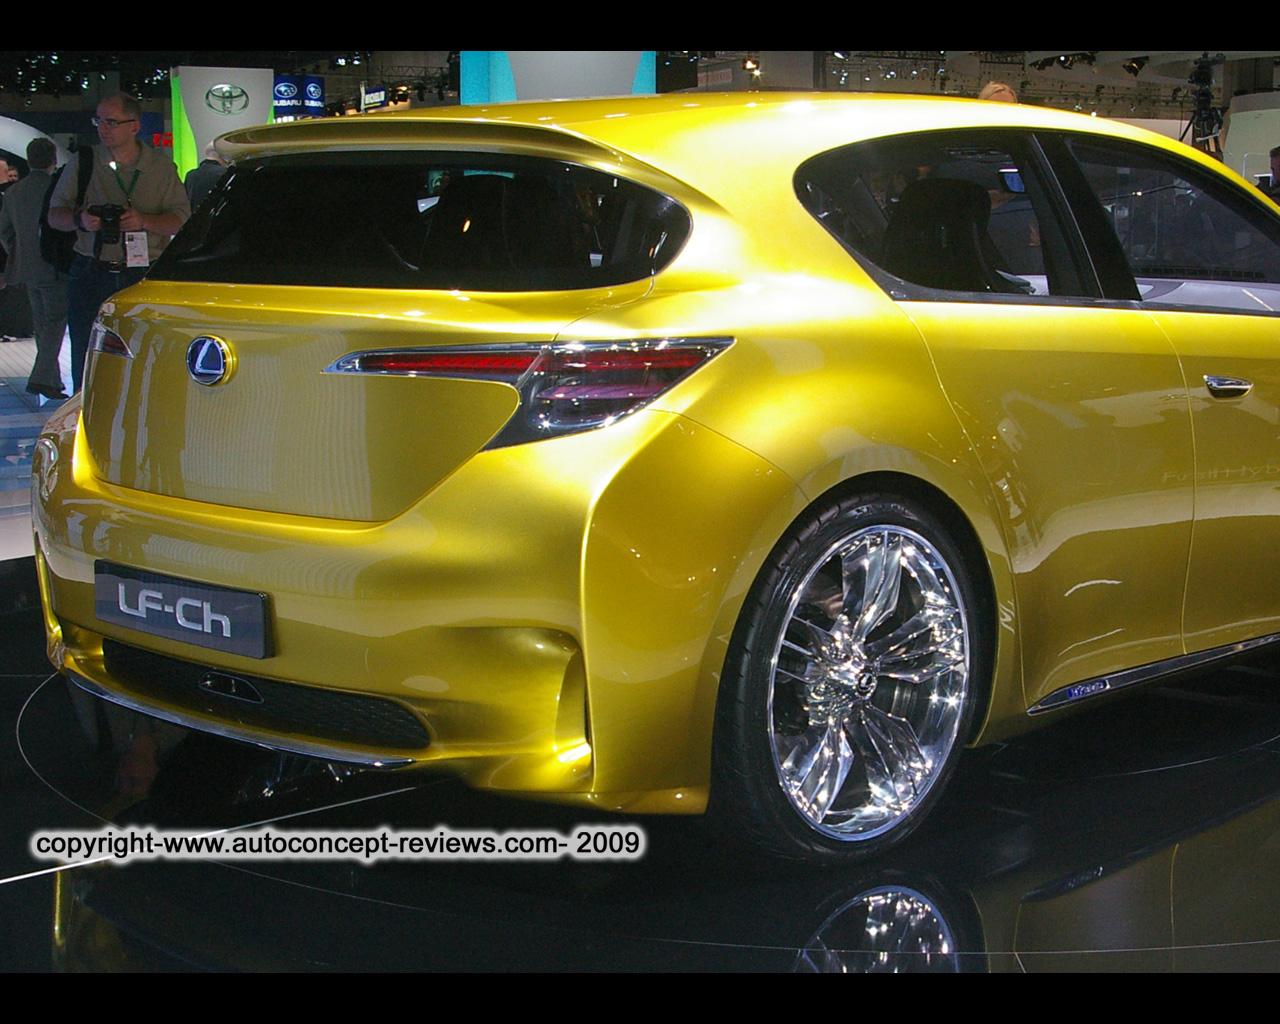 http://www.autoconcept-reviews.com/cars_reviews/lexus/lexus-lf-ch-concept-2009/wallpaper/image7.jpg